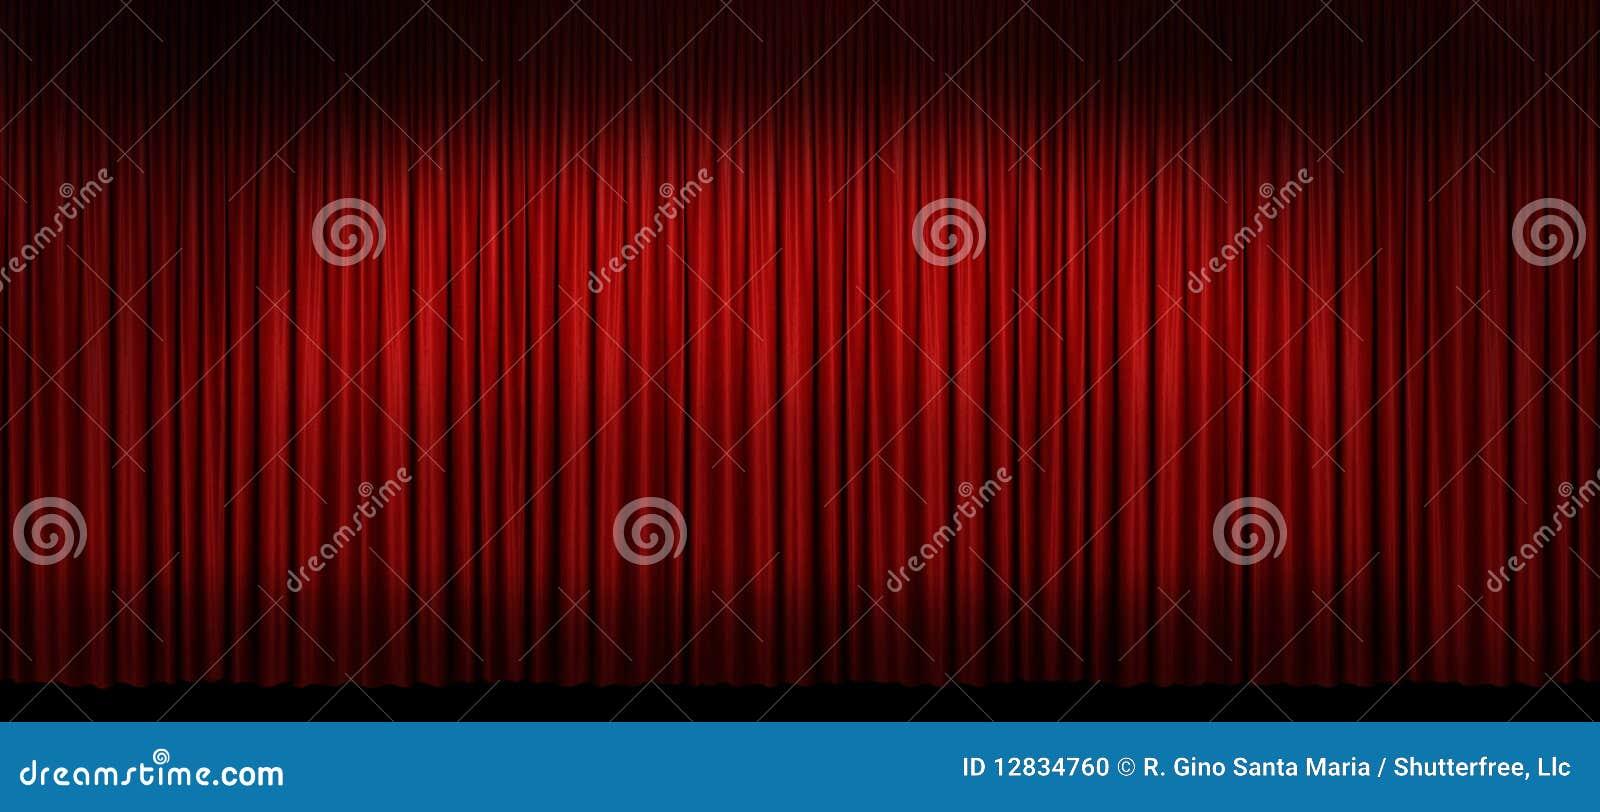 Zasłony scena wielka czerwona